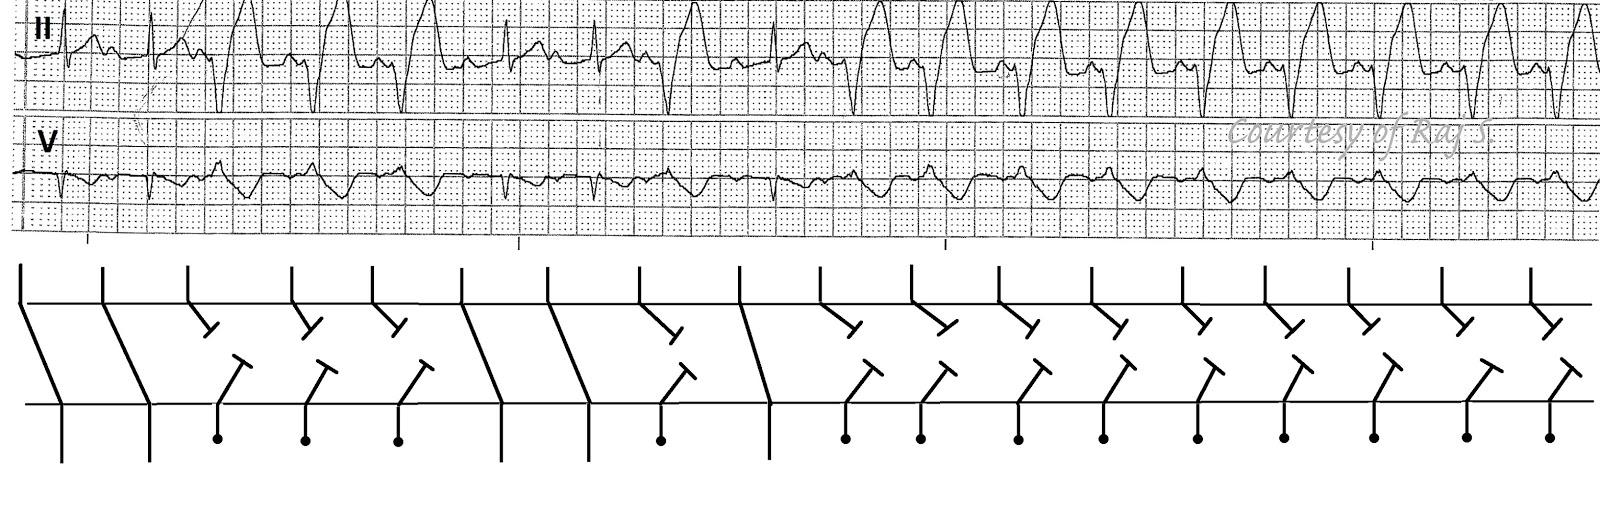 Ladder Diagram Ekg Wiring Libraries Diagrams Ecg Diagramsecg Rhythms Isorhythmic Av Dissociation Sr Vt U Wave With